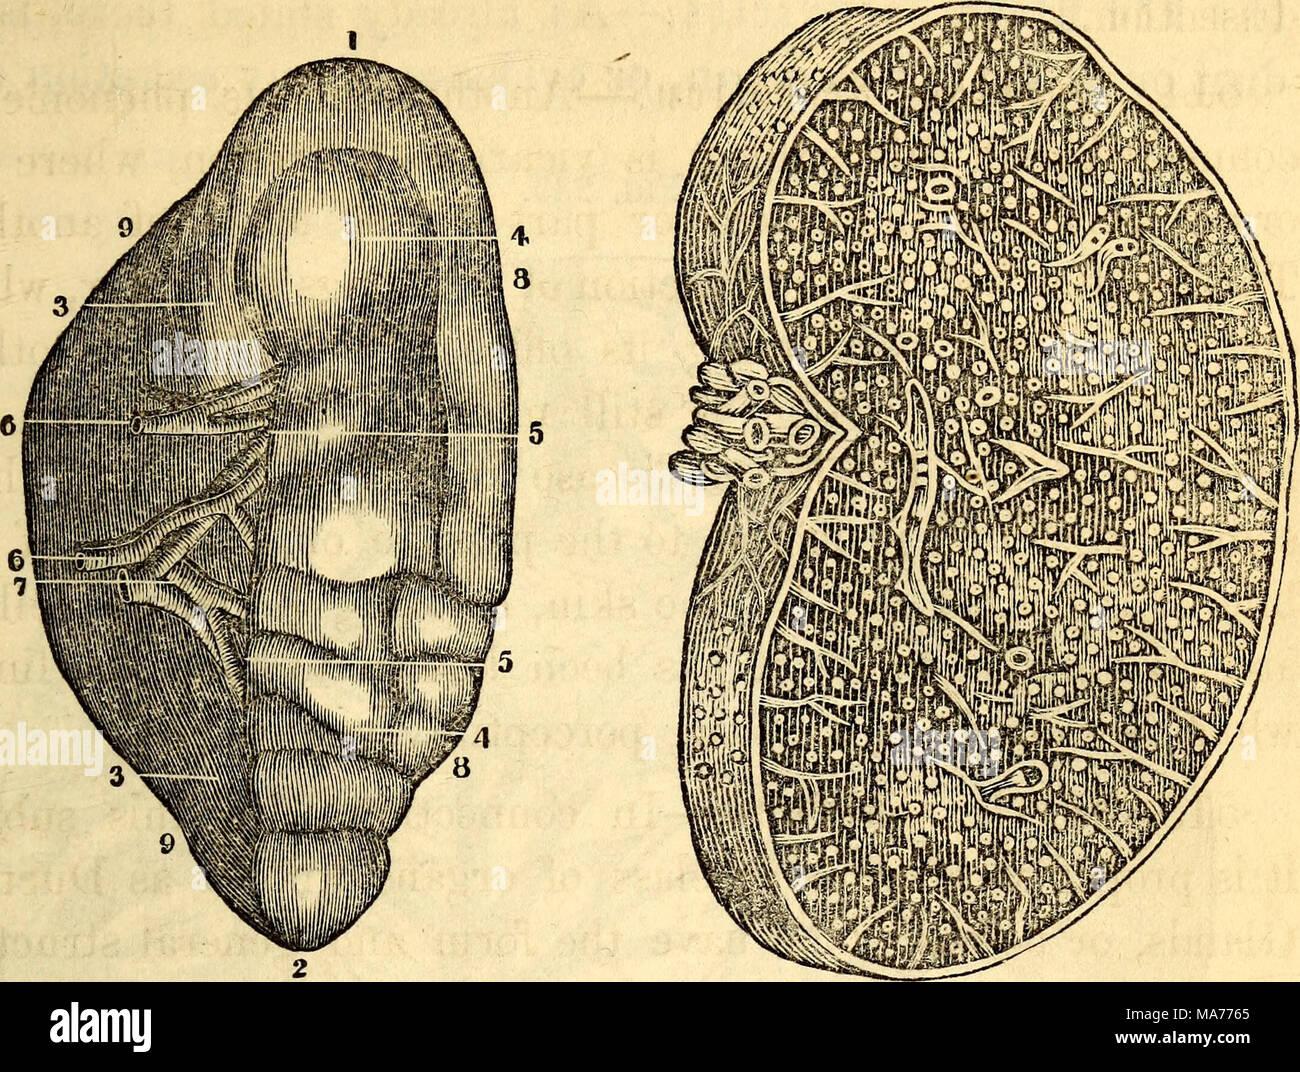 Splenic Artery Stock Photos & Splenic Artery Stock Images - Alamy